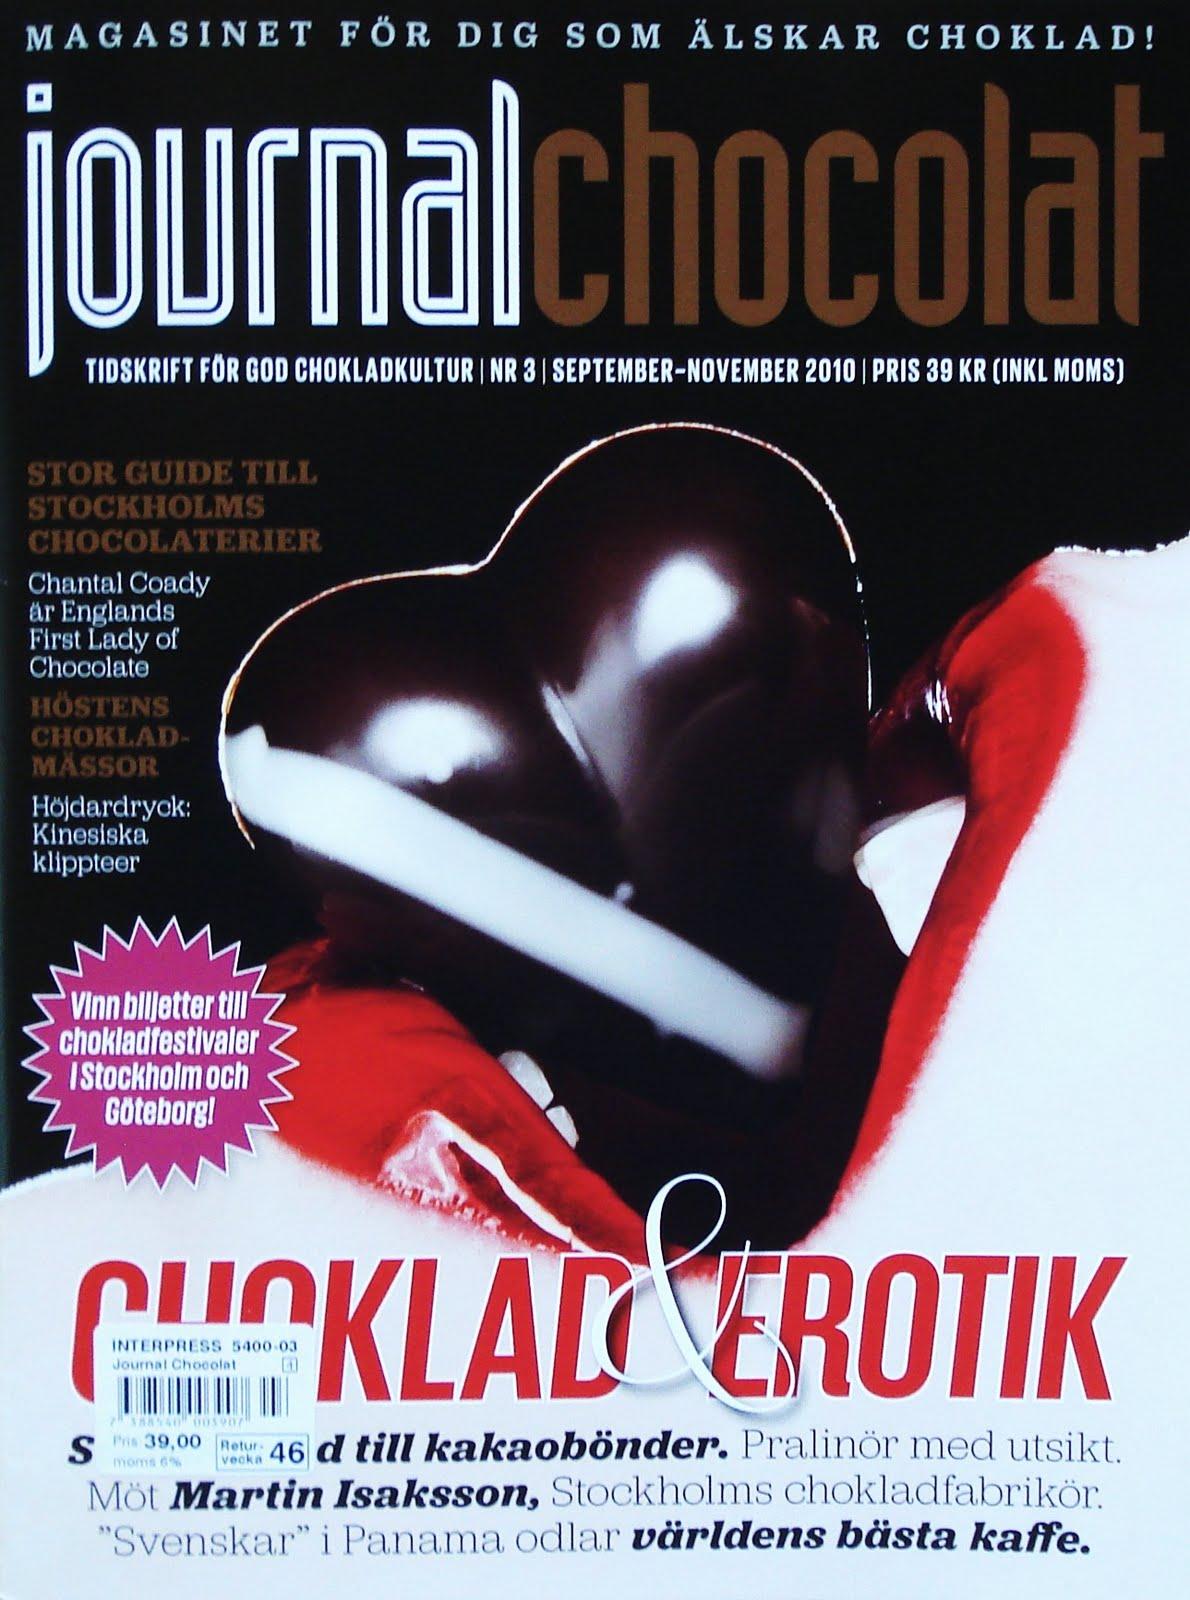 Choklad för fler än gottegrisar 7f9fa1ebaa34d